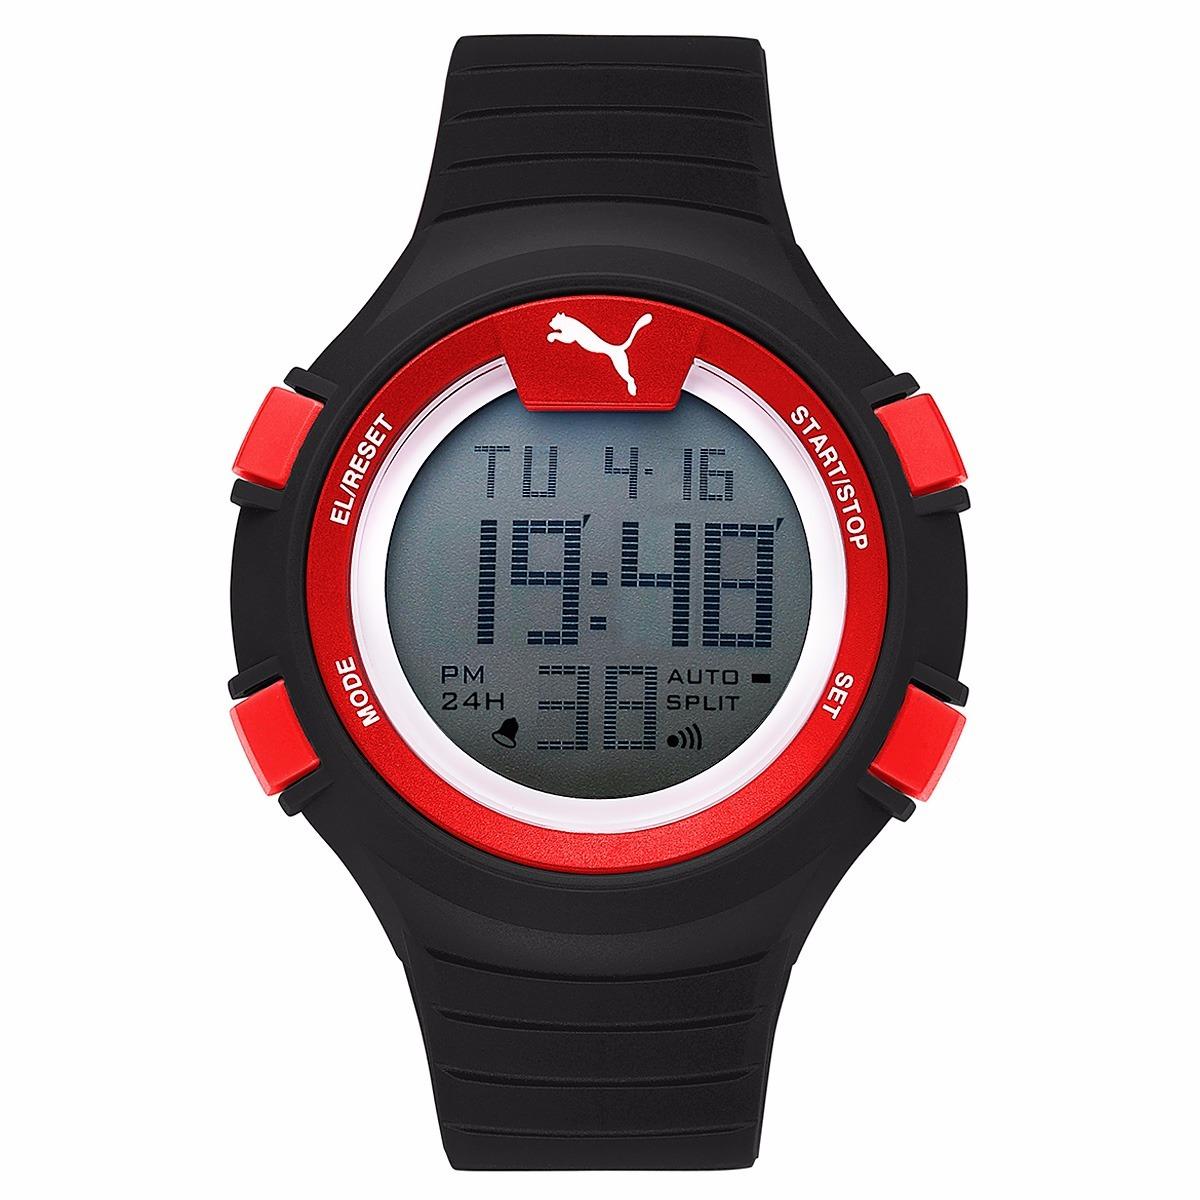 5e7b8074d5e Relógio puma masculino digital em mercado livre jpg 1200x1200 Relogio puma